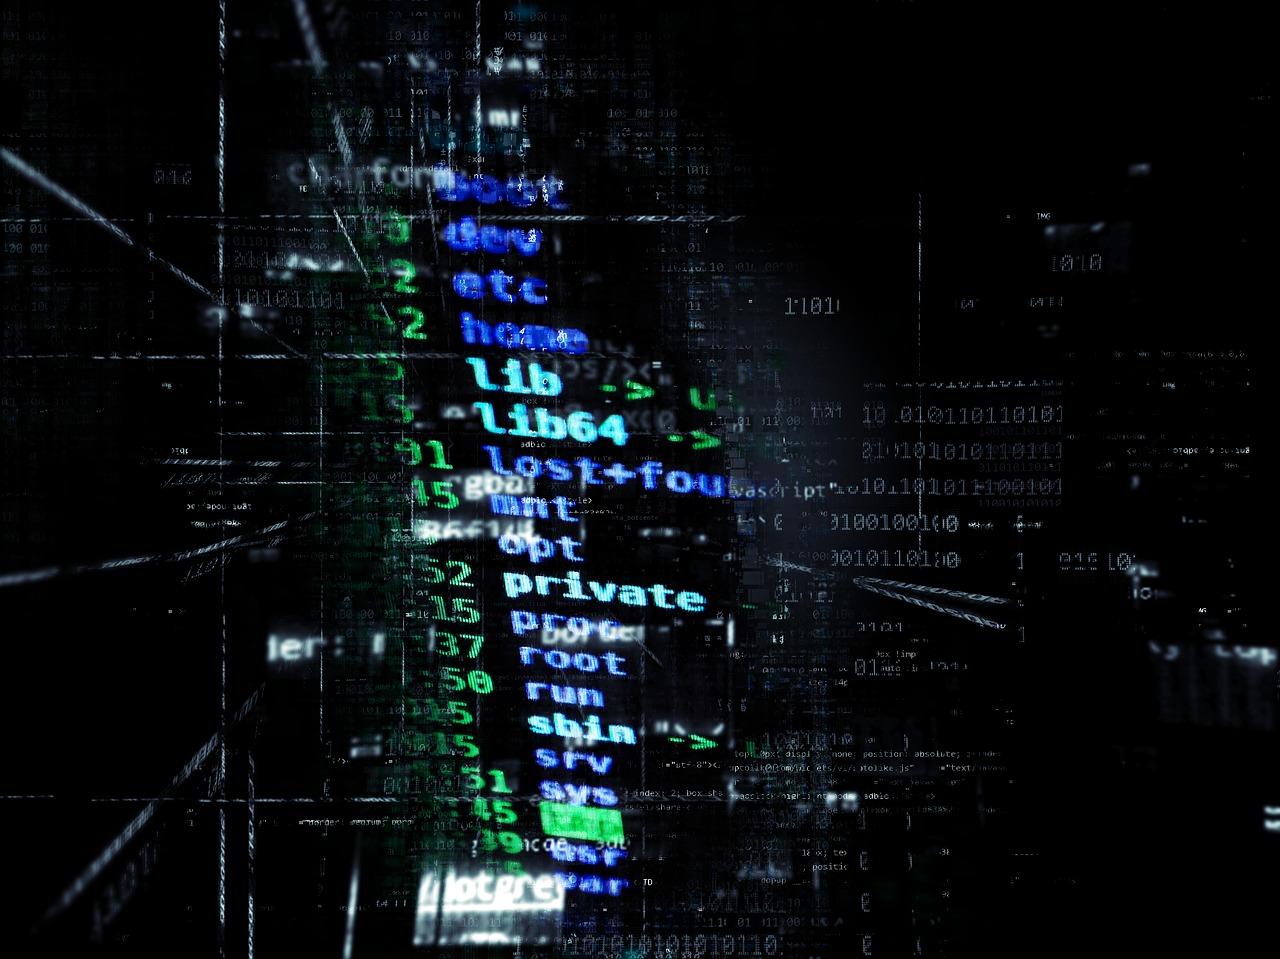 Los hackers tuvieron que enfrentar diferentes misiones para exhibir las vulnerabilidades